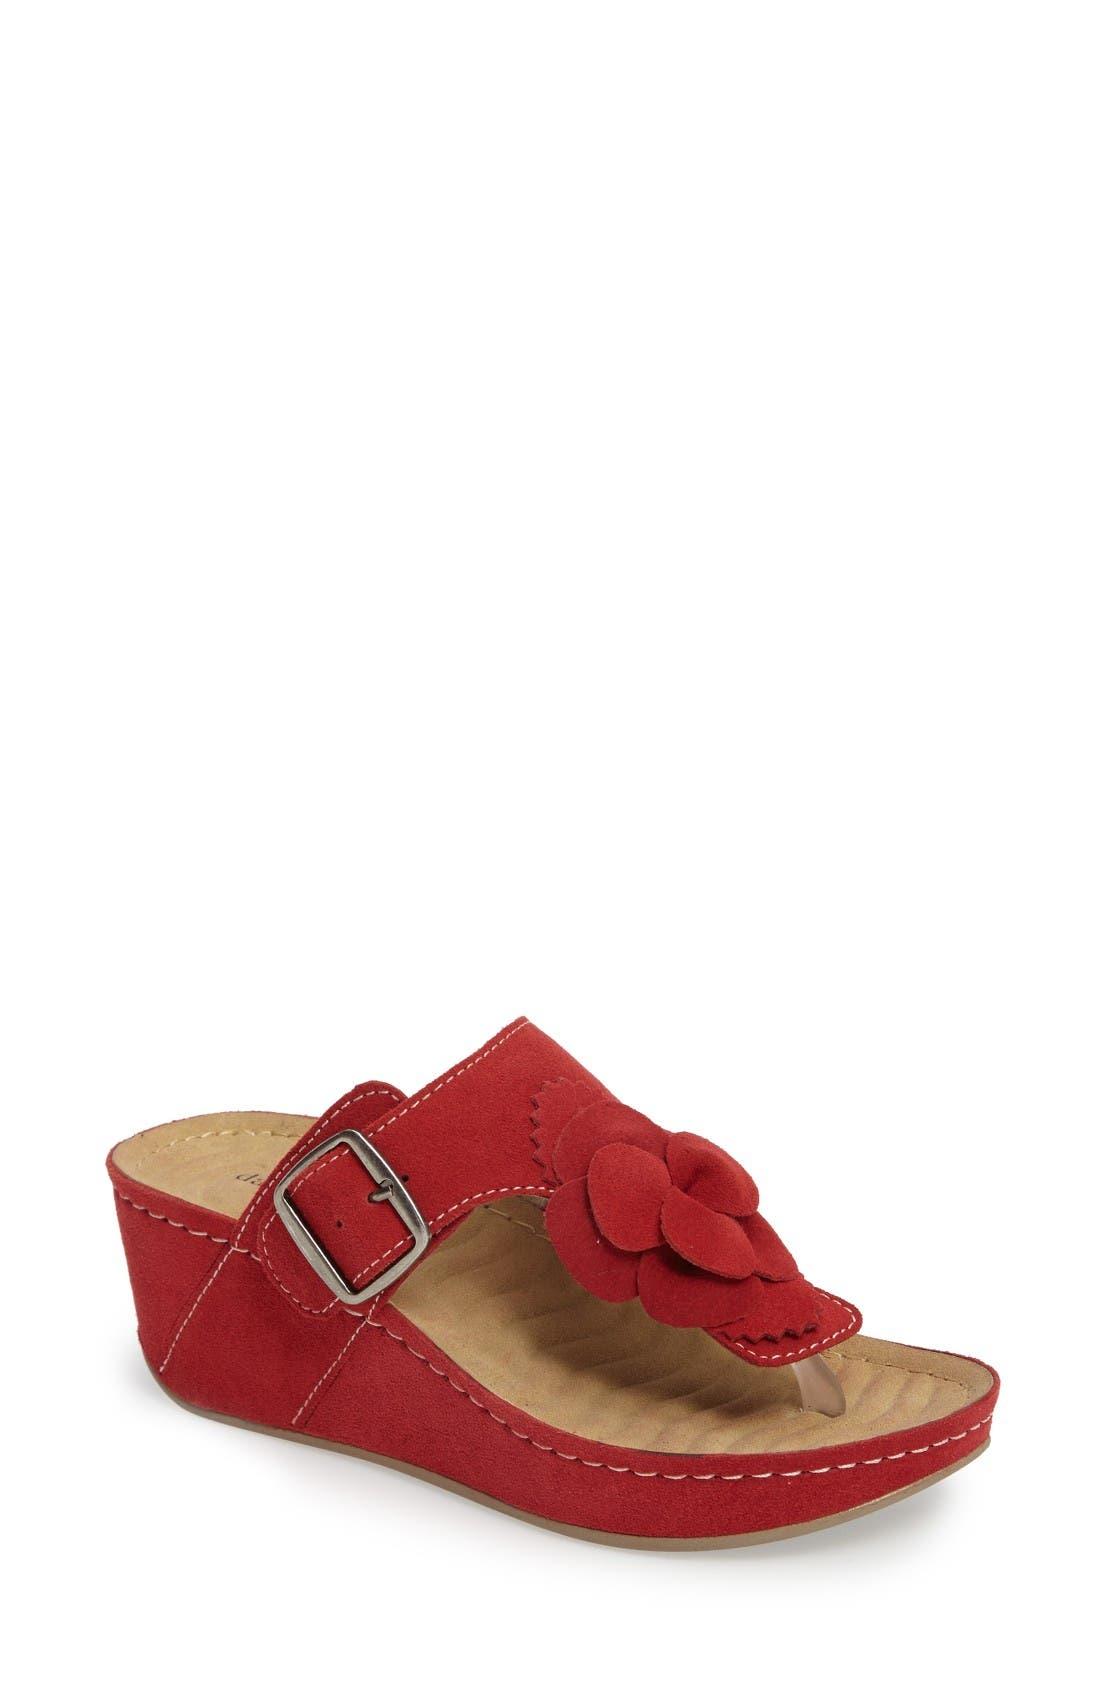 Spring Platform Wedge Sandal,                         Main,                         color, Red Suede